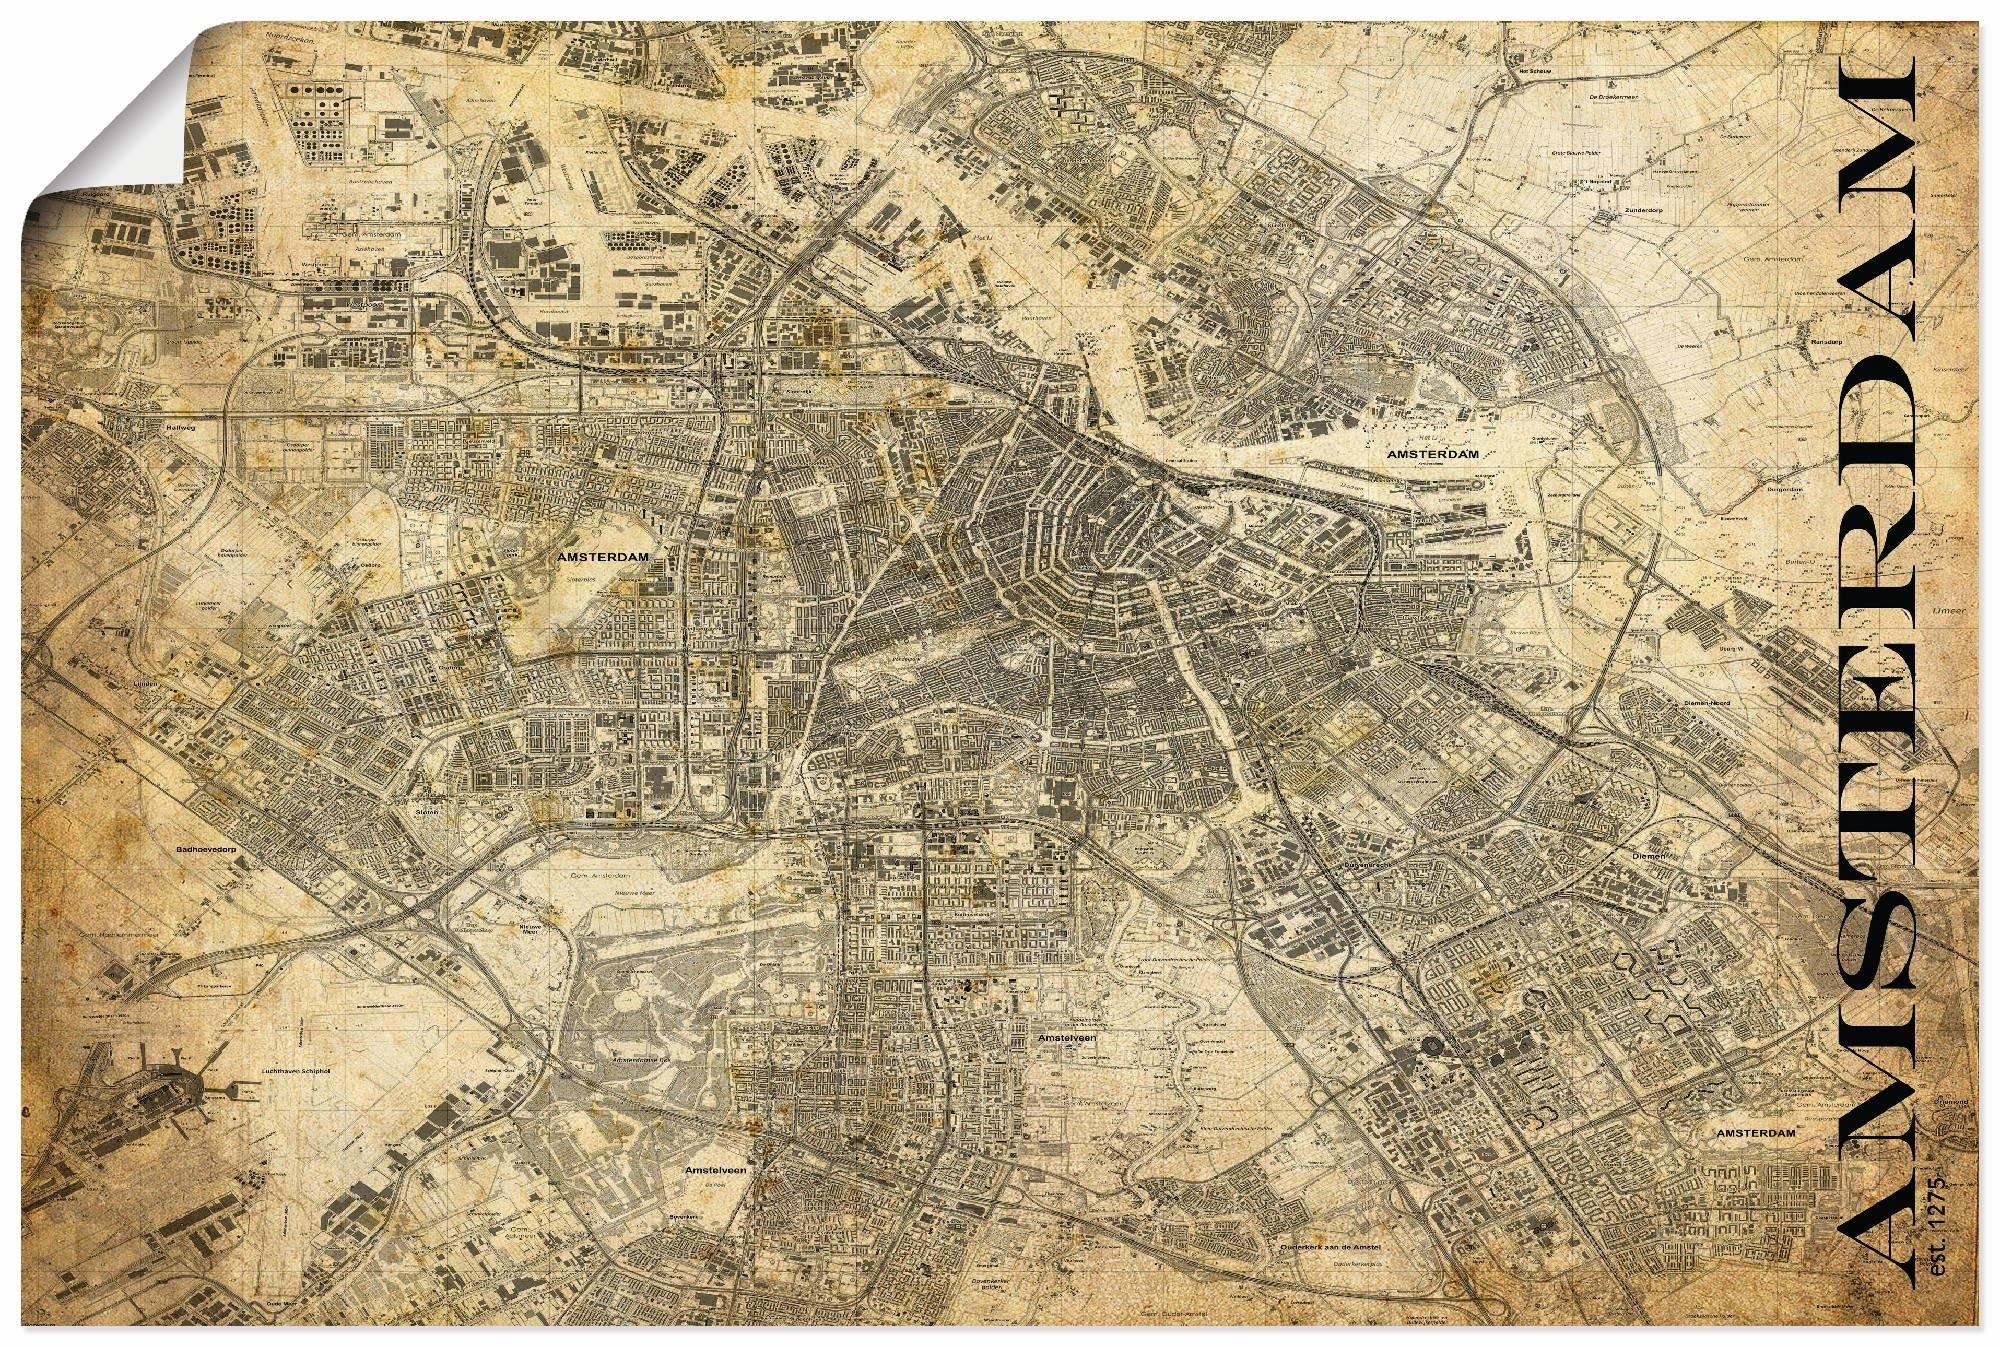 Artland artprint Amsterdam kaart straten kaart Sepia in vele afmetingen & productsoorten - artprint van aluminium / artprint voor buiten, artprint op linnen, poster, muursticker / wandfolie ook geschikt voor de badkamer (1 stuk) voordelig en veilig online kopen